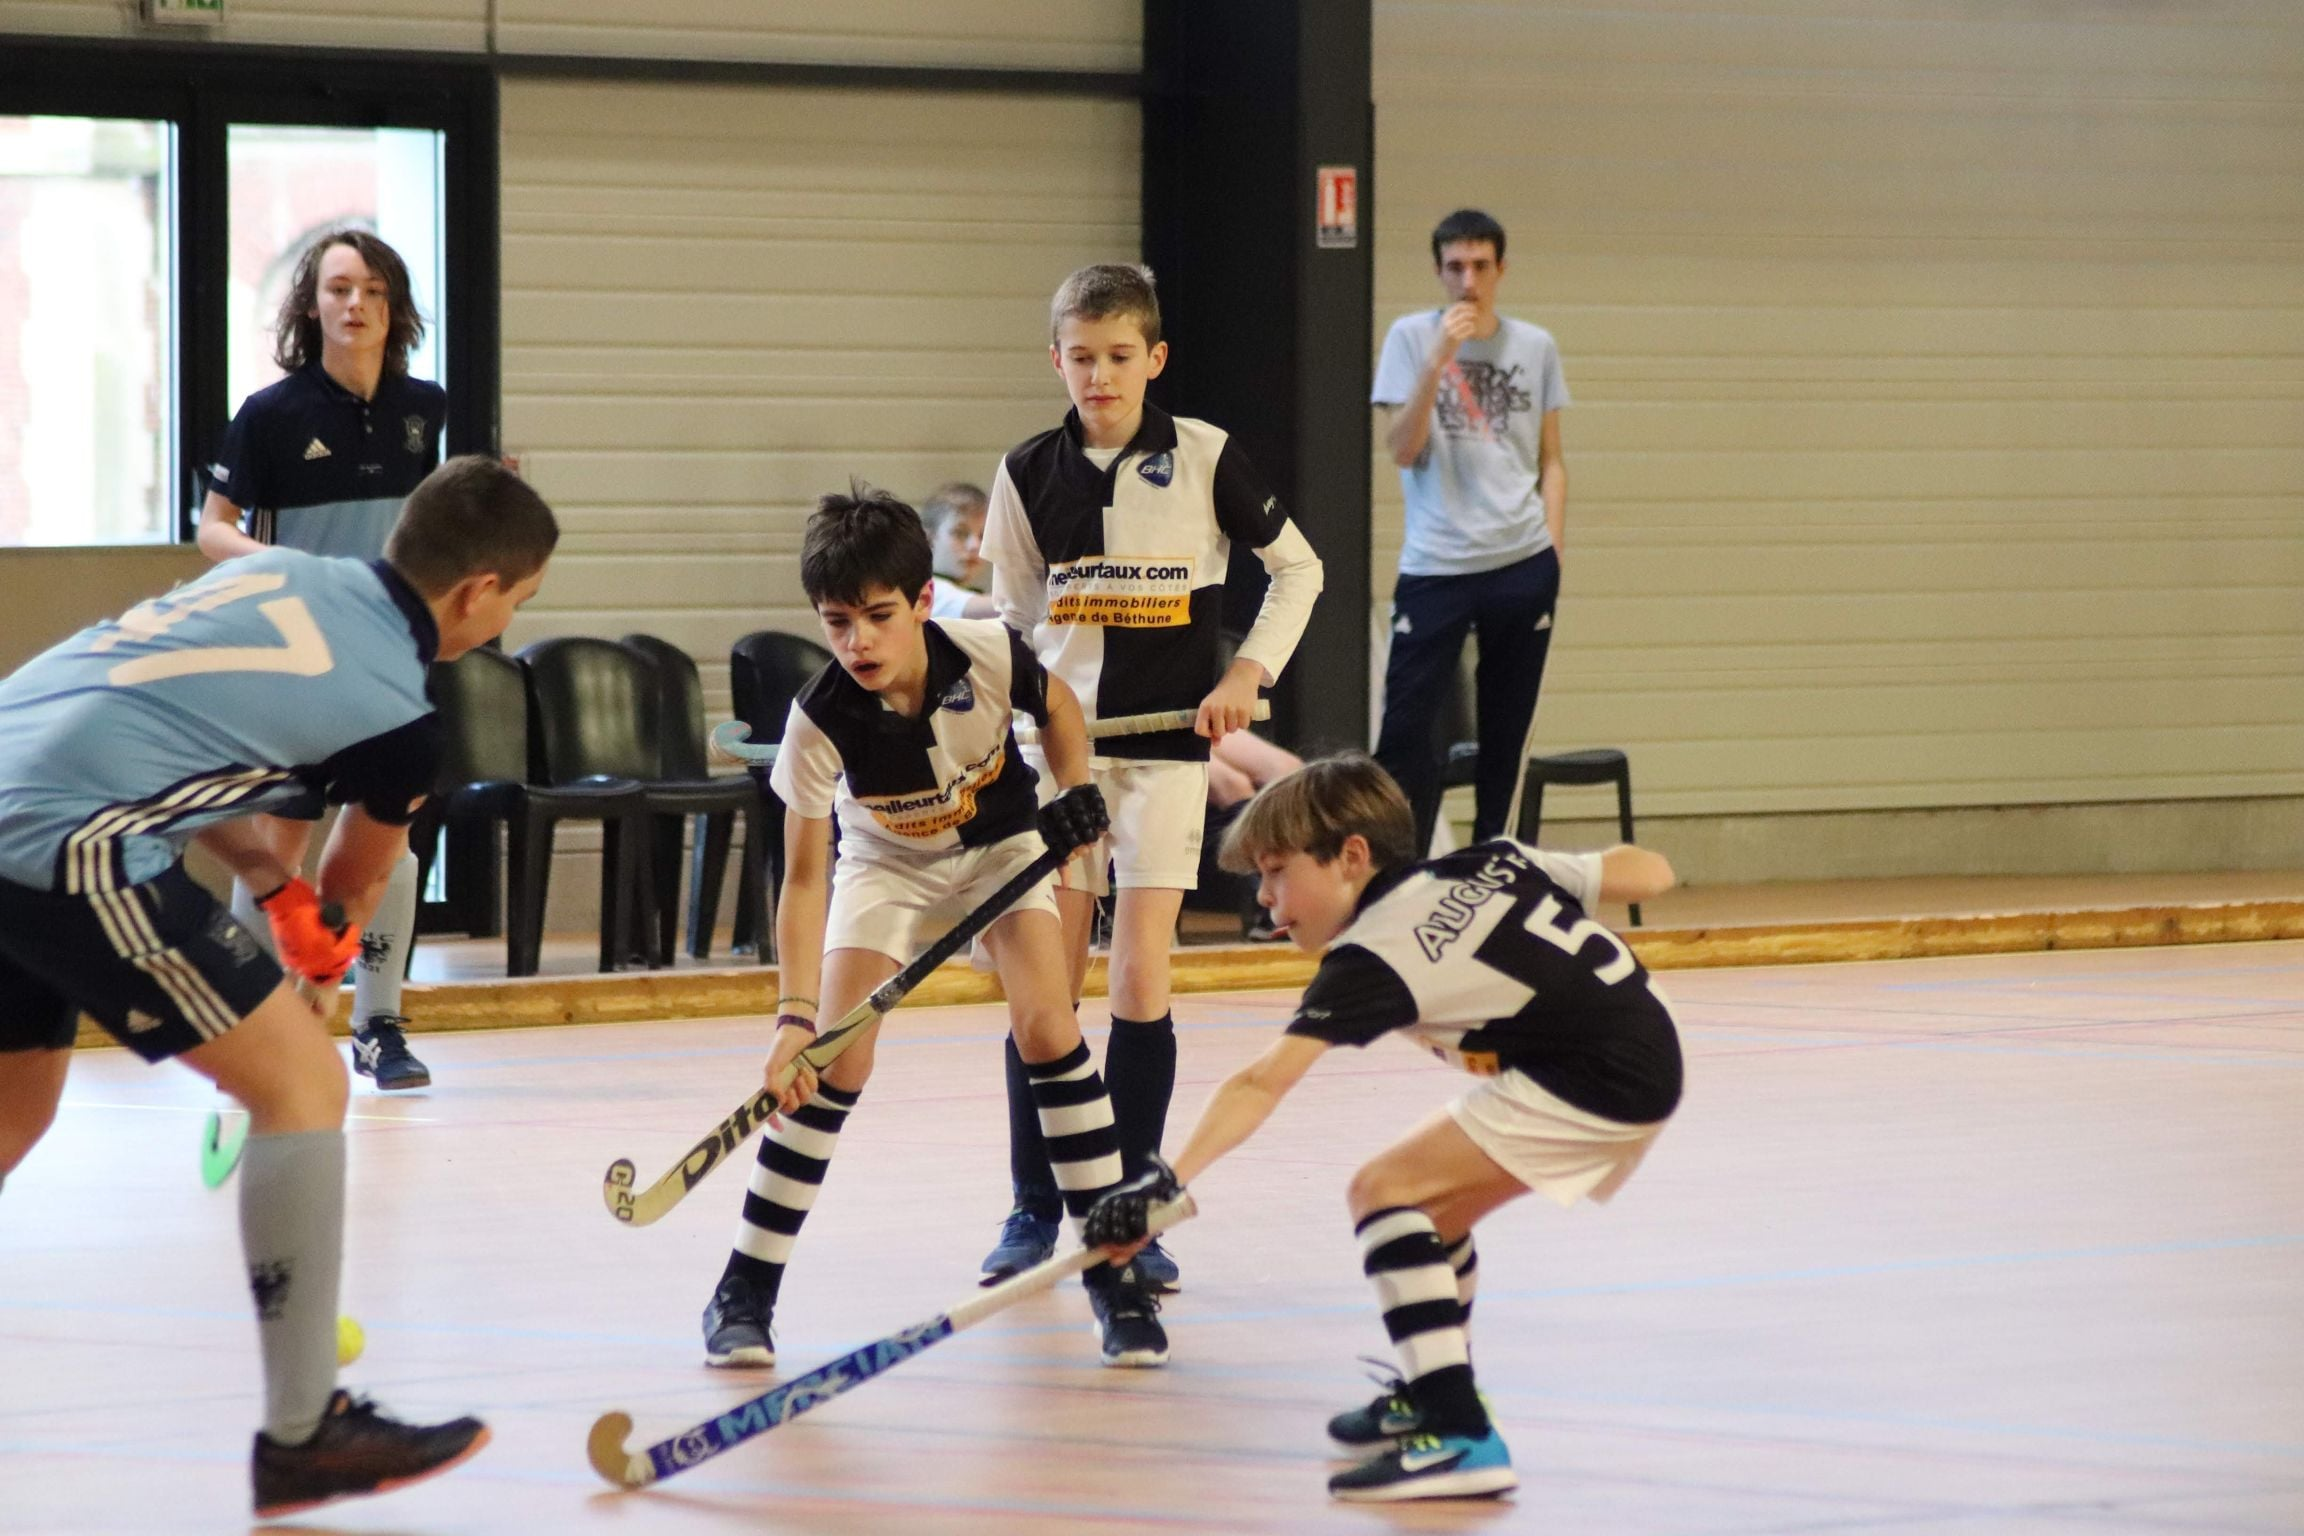 Béthune Hockey Club